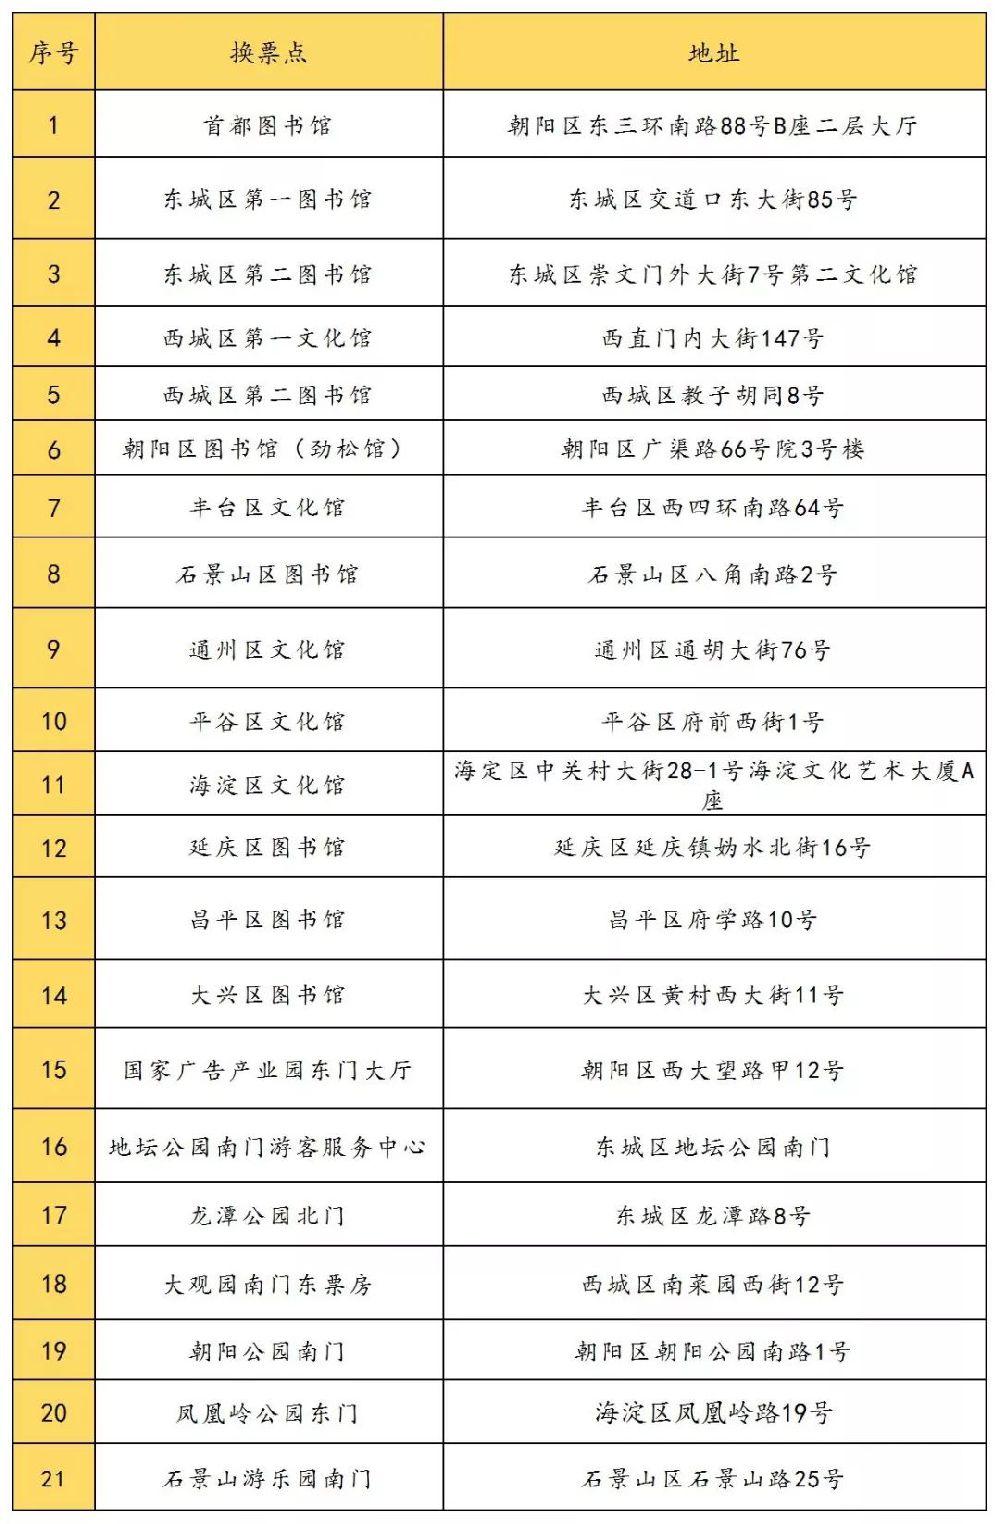 2019北京30万张春节庙会门票免费抢票时间入口